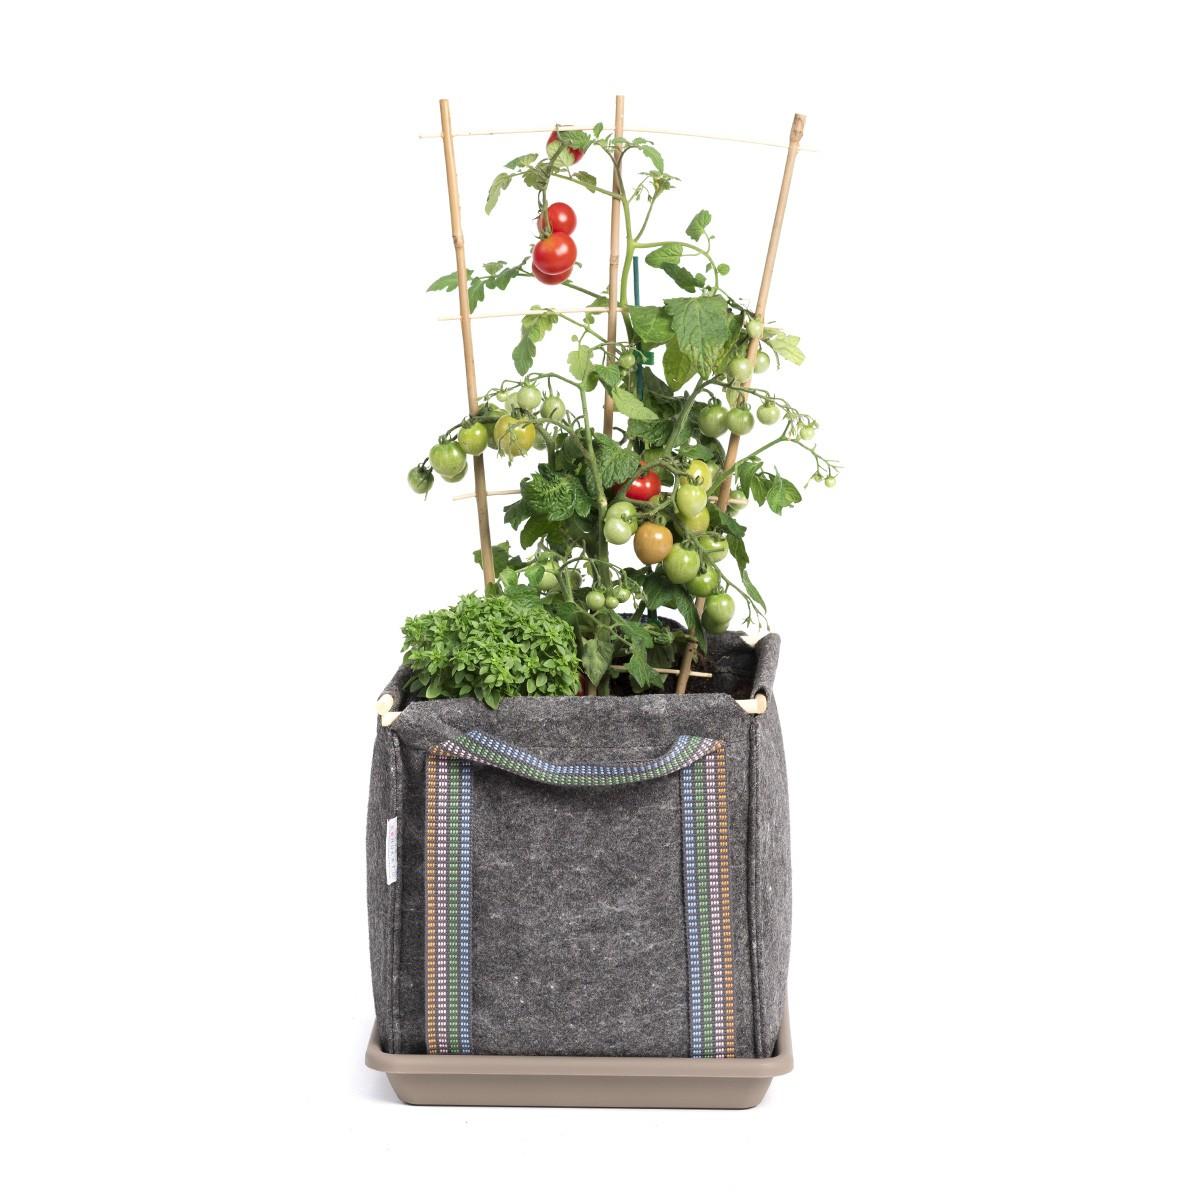 Jardinière bac à fleurs en géotextile 30 x 30 x 30 cm